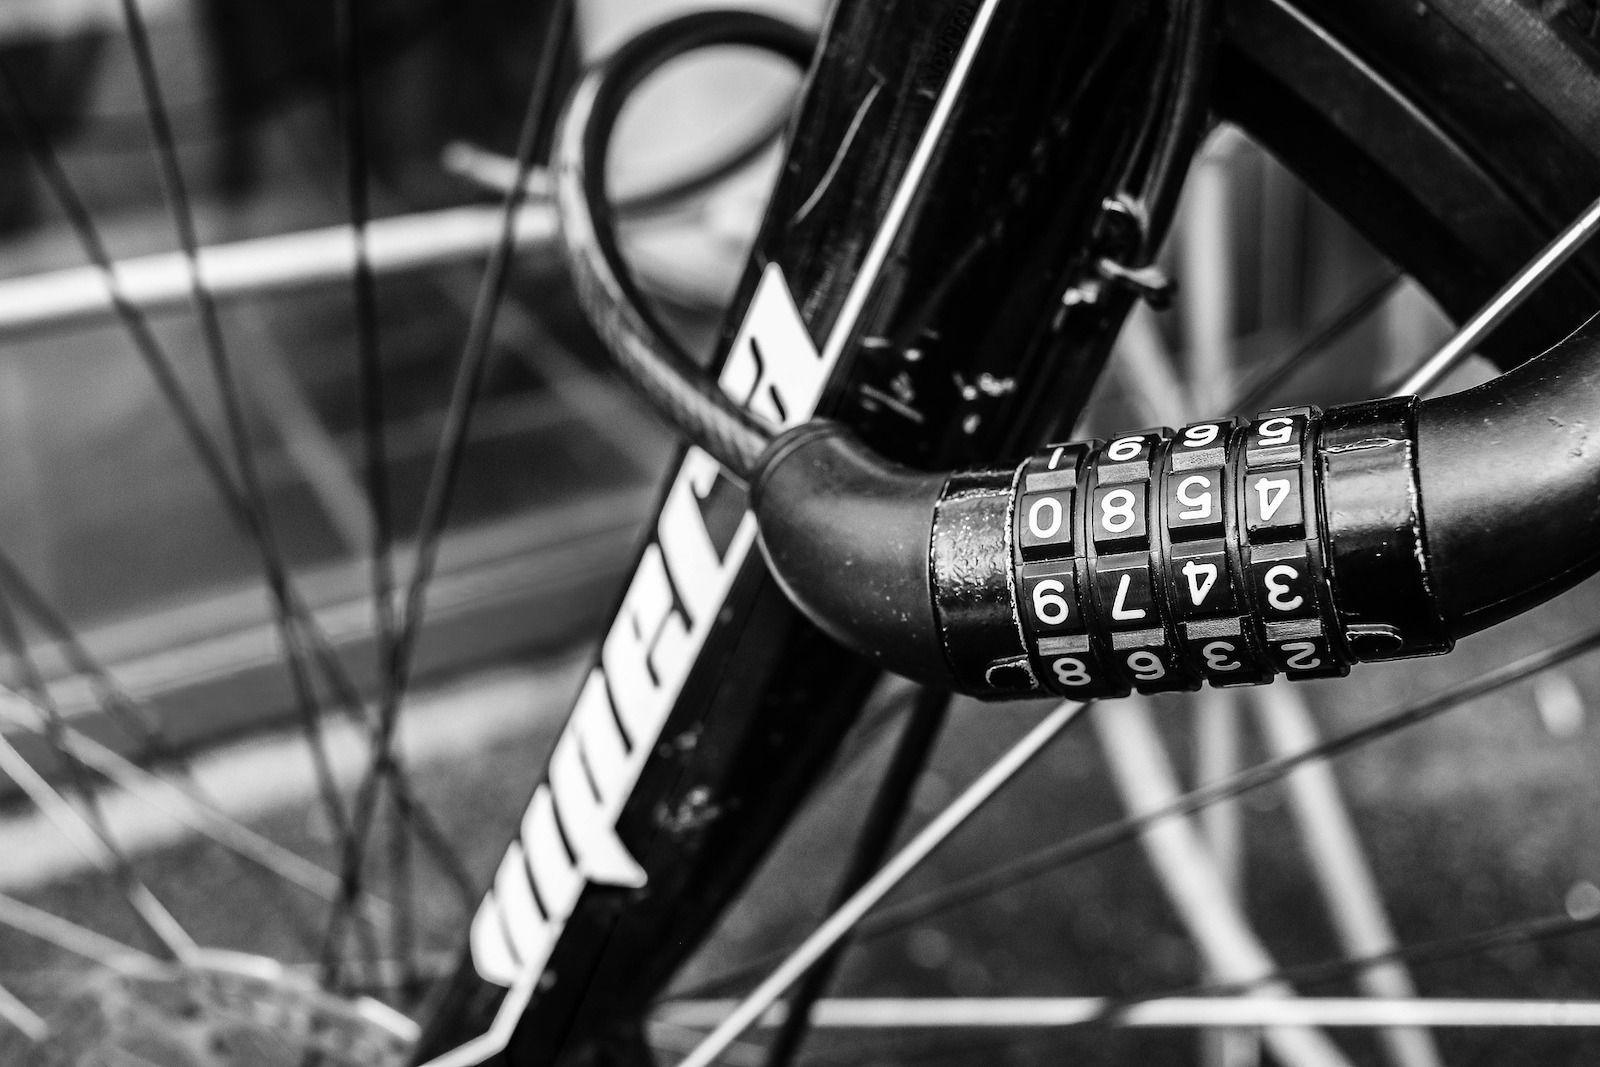 Zapięcia do roweru, które wytrzymają więcej niż myślisz